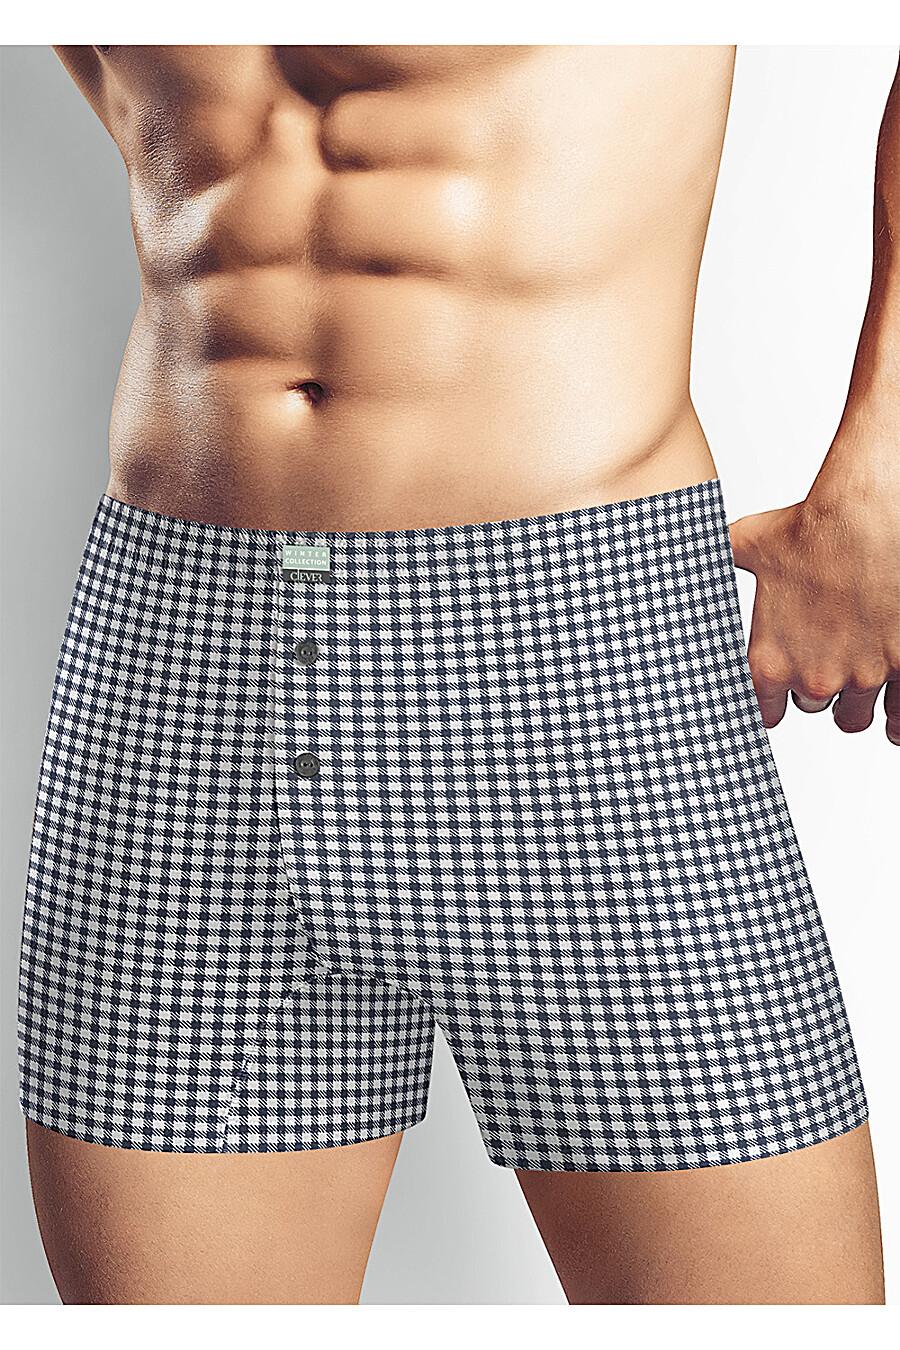 Трусы для мужчин CLEVER 155185 купить оптом от производителя. Совместная покупка мужской одежды в OptMoyo